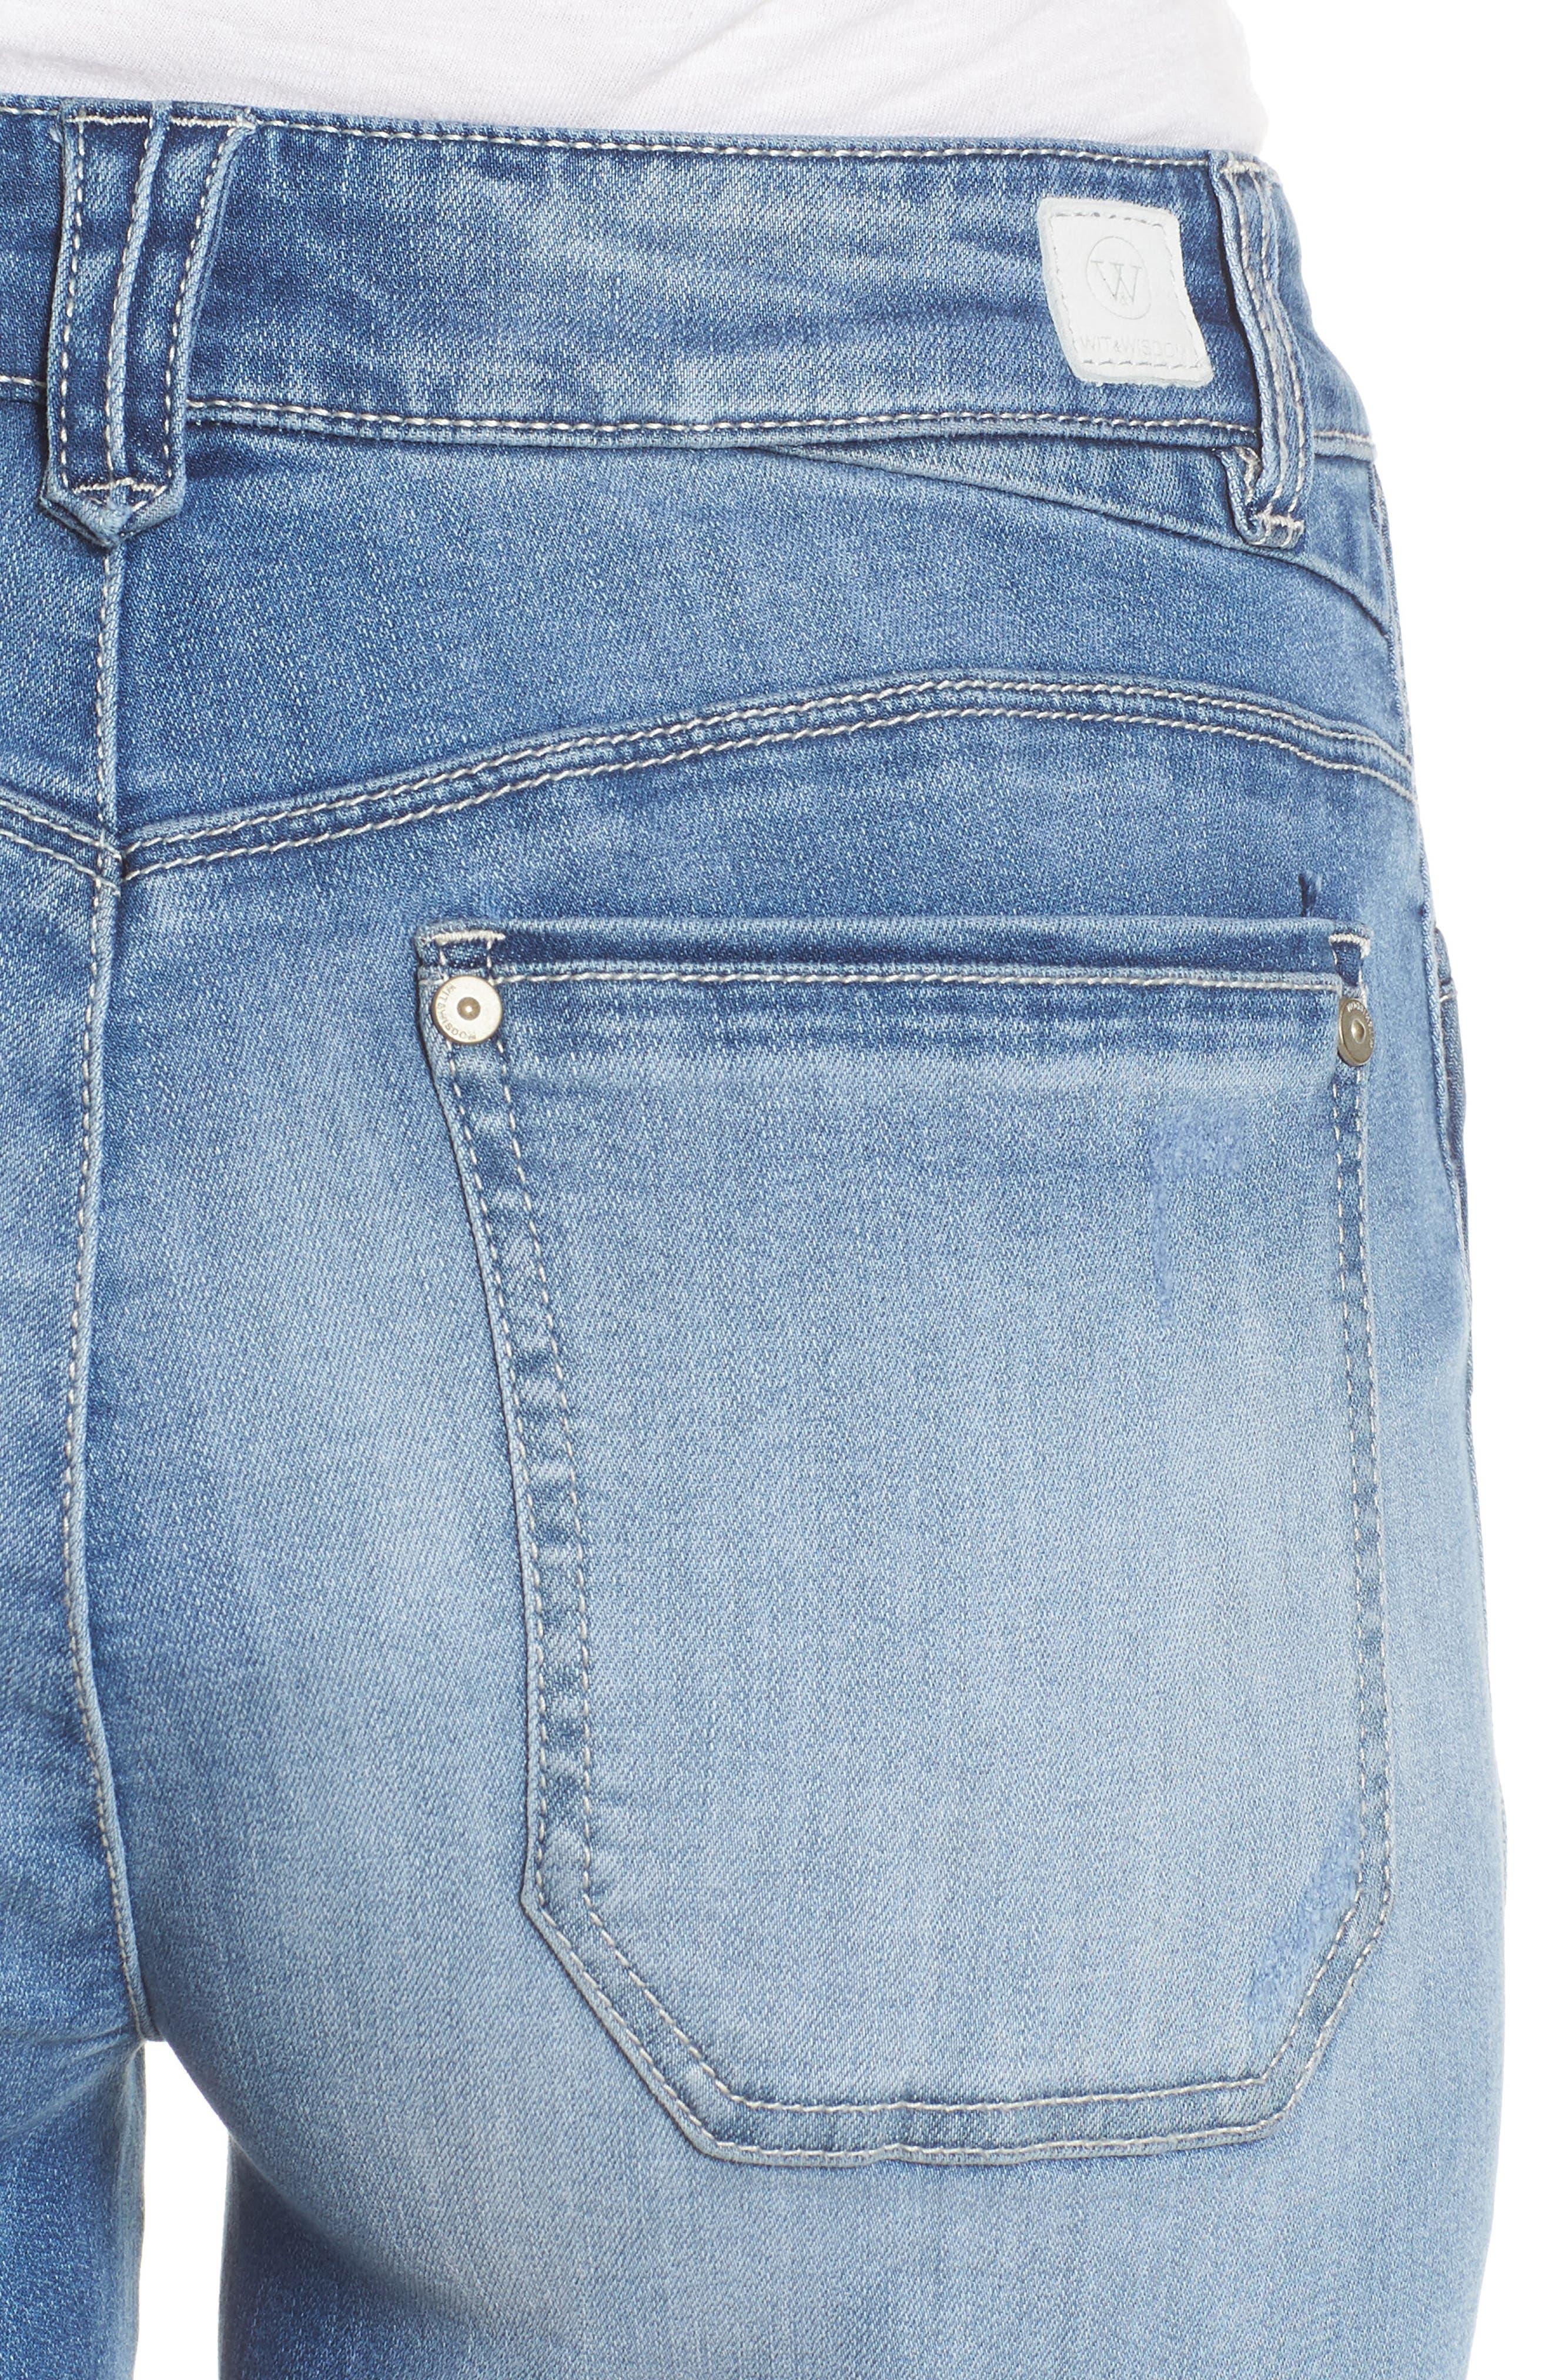 Flex-Ellent High Rise Denim Shorts,                             Alternate thumbnail 4, color,                             458